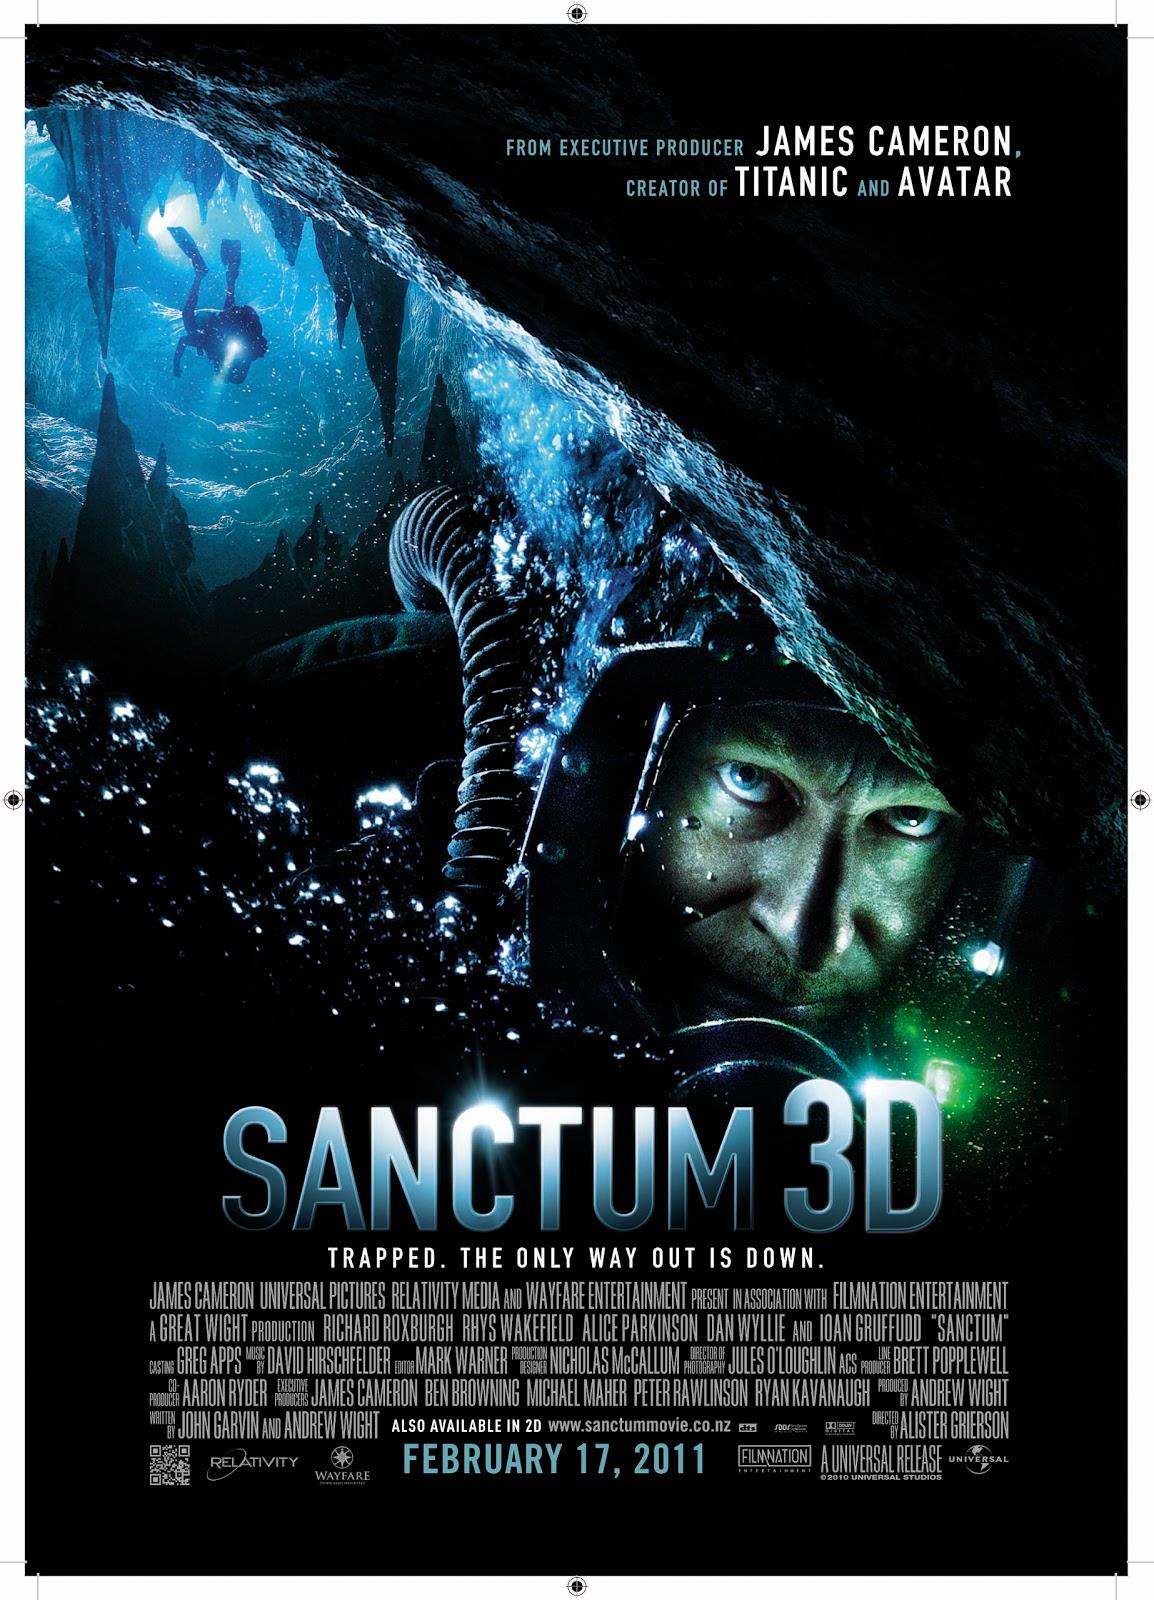 sanctum movie review review entertainment articles sanctum movie cachedsanctum all over the end of cave more claustrophobic the culture movies sanctum movie review cachedfeb